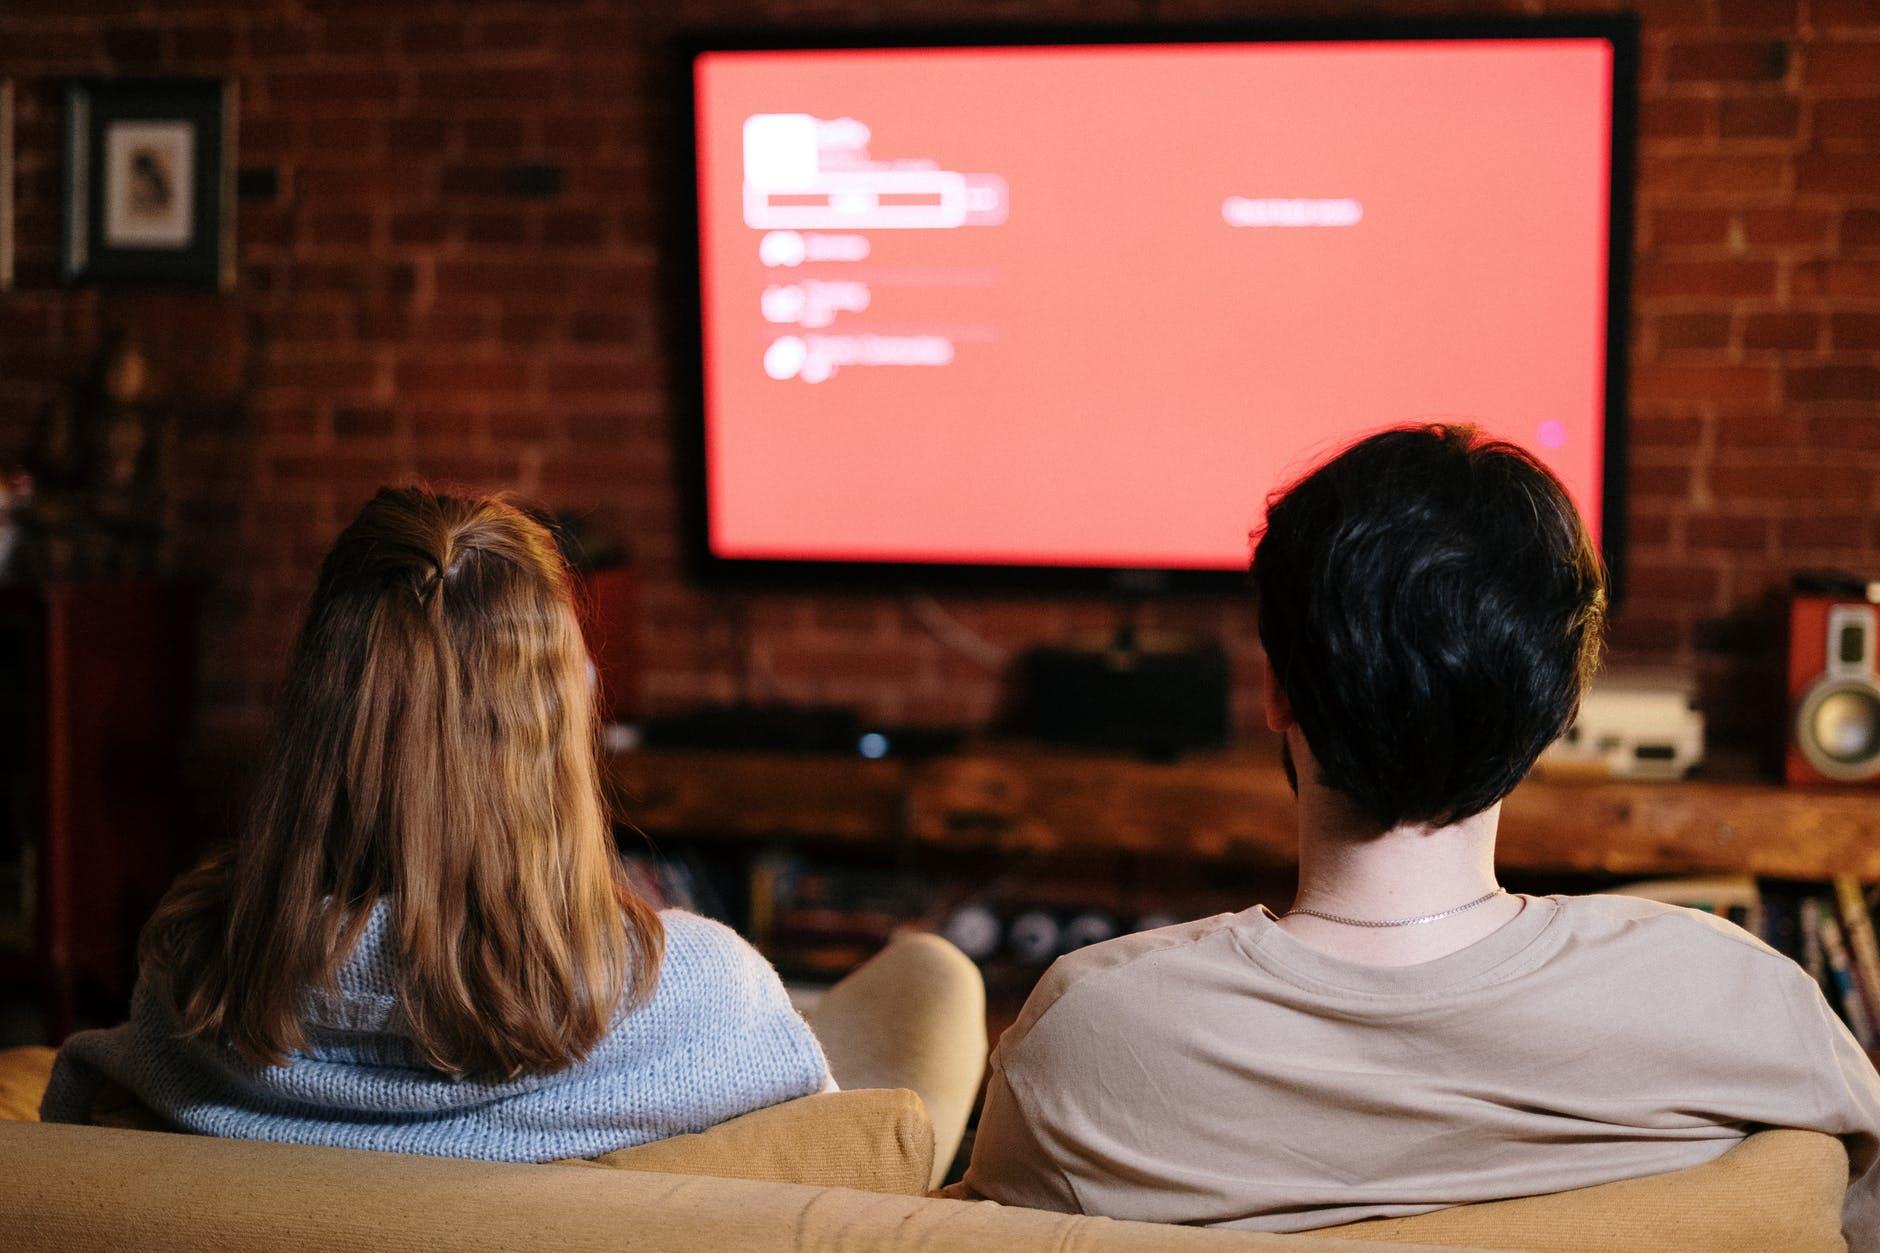 Estrenos de Amazon Prime Video para disfrutar el fin de semana